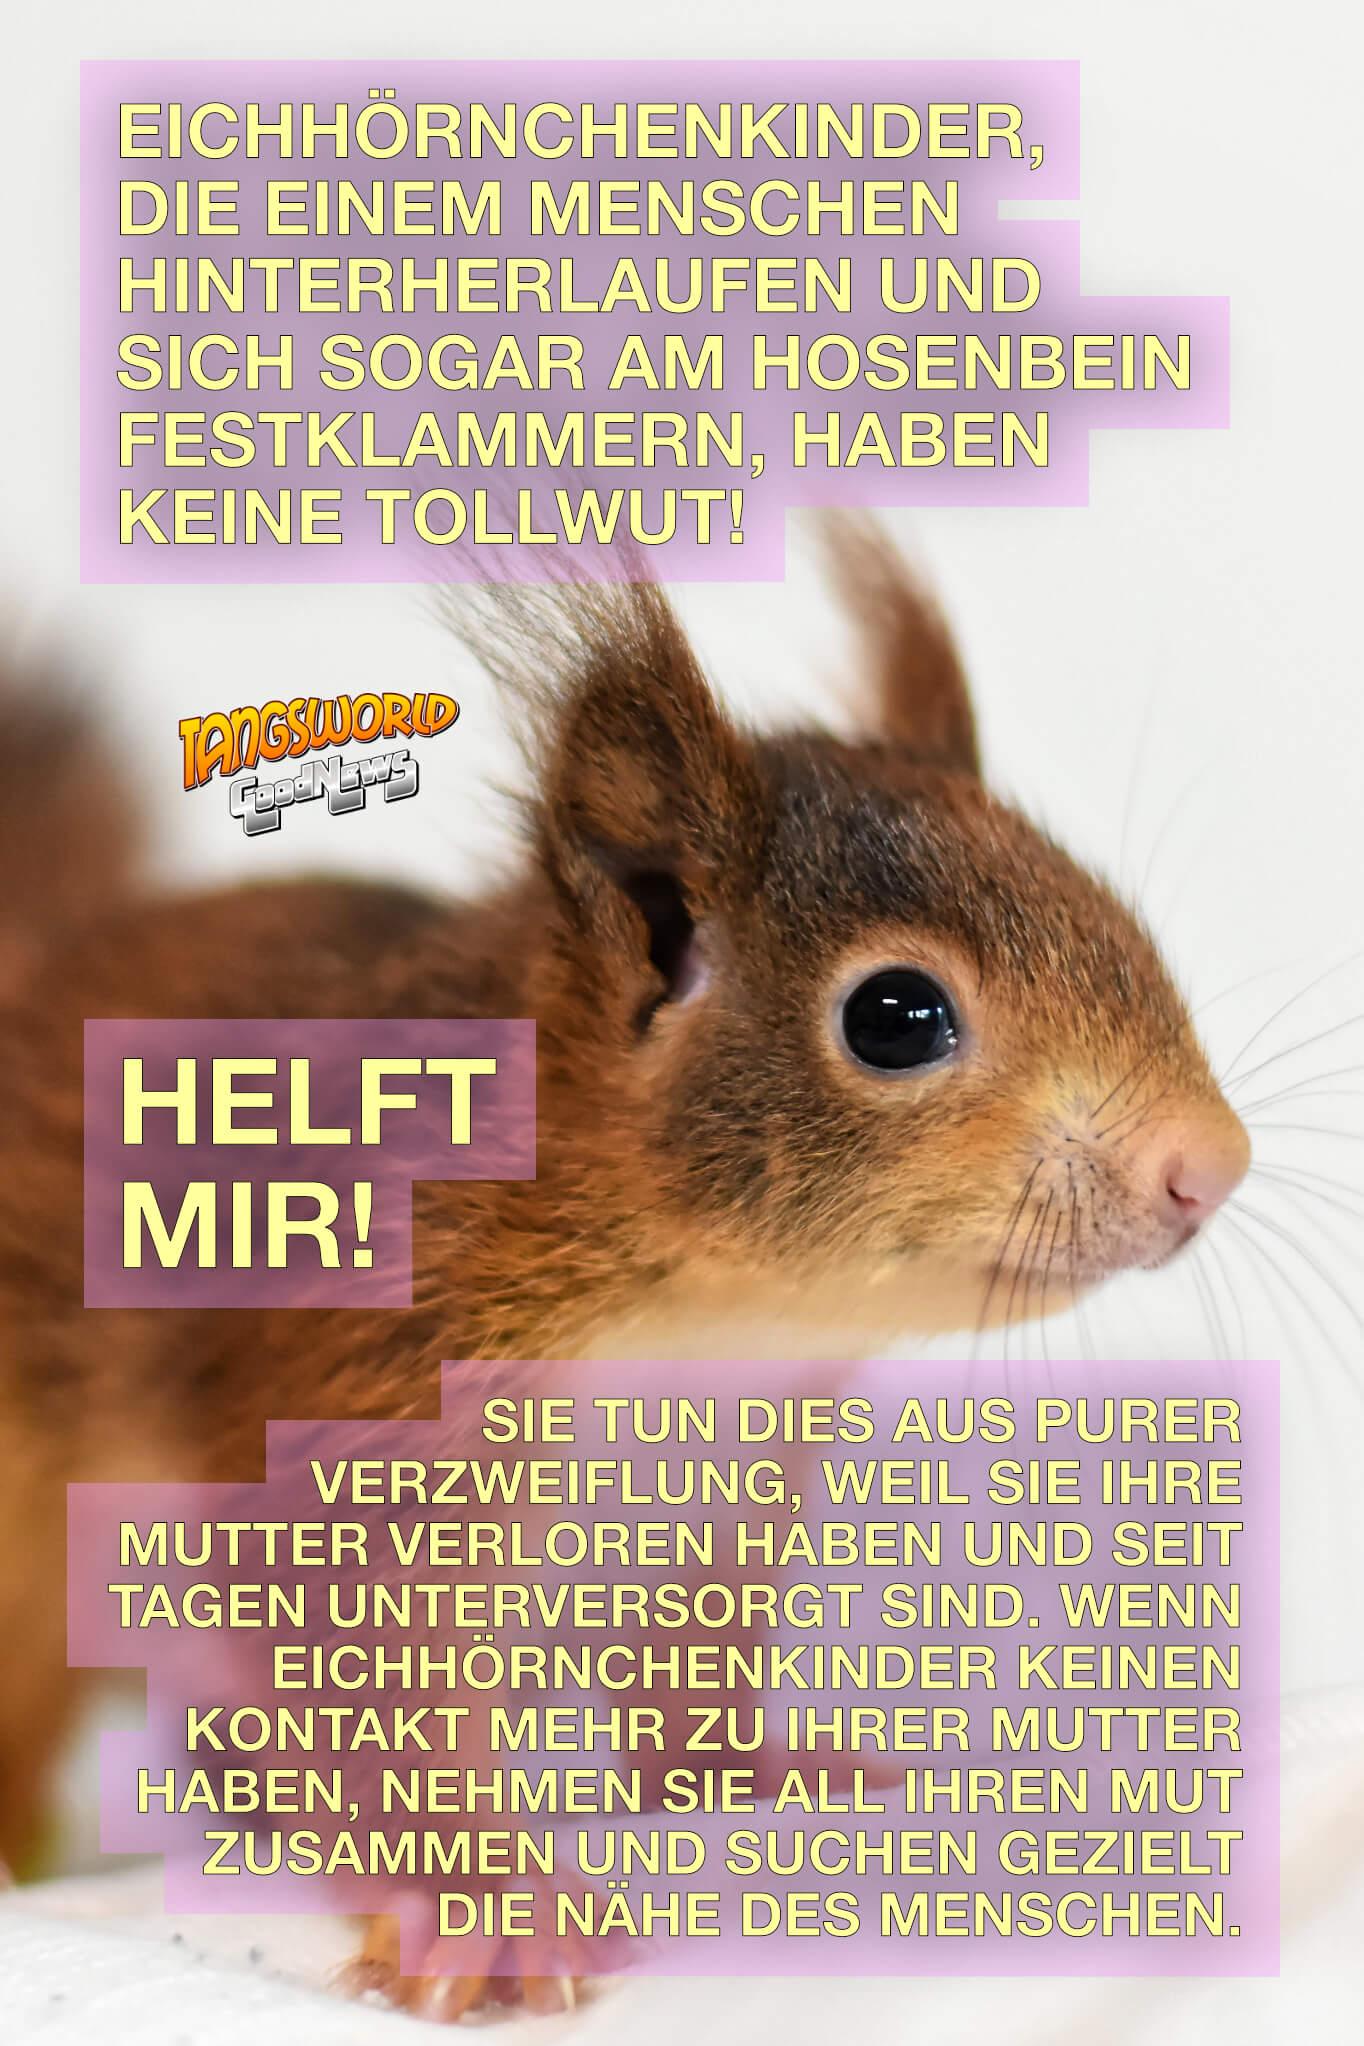 Hilfe für Eichhörnchenkinder. Was können wir tun, wenn wir beim Spaziergang möglicherweise verwaiste Eichhörnchen-Babys finden sollten? - GoodNews